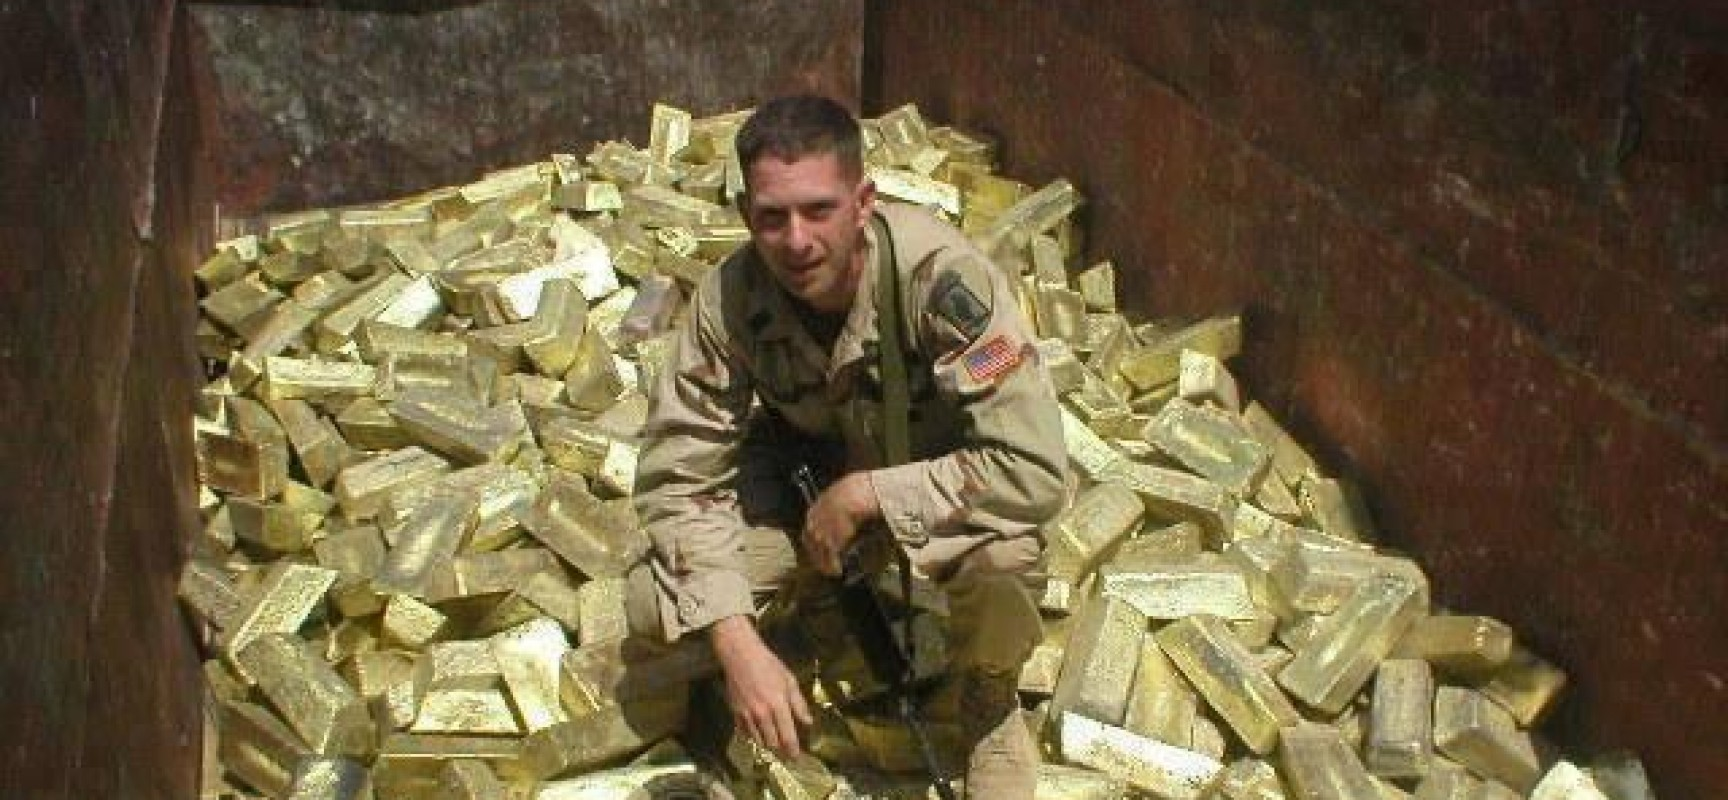 Guerre d'Irak de 2003 : faute d'ADM, les Etats-Unis ont trouvé de l'or